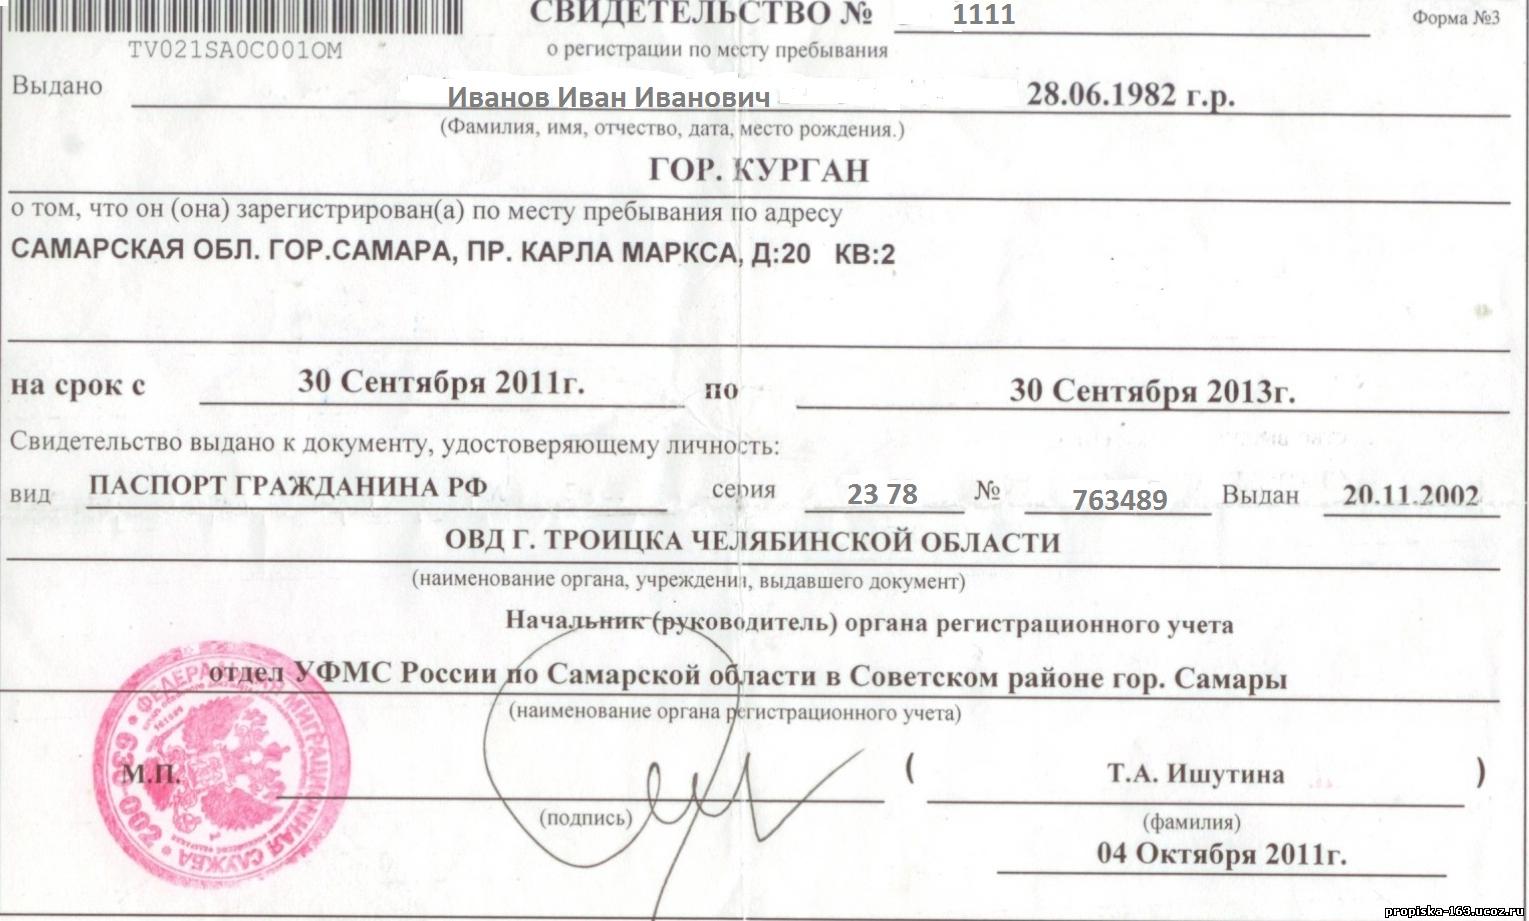 Временная регистрация по месту пребывания для гражданин рф: права и обязанности. законодательное регулирование